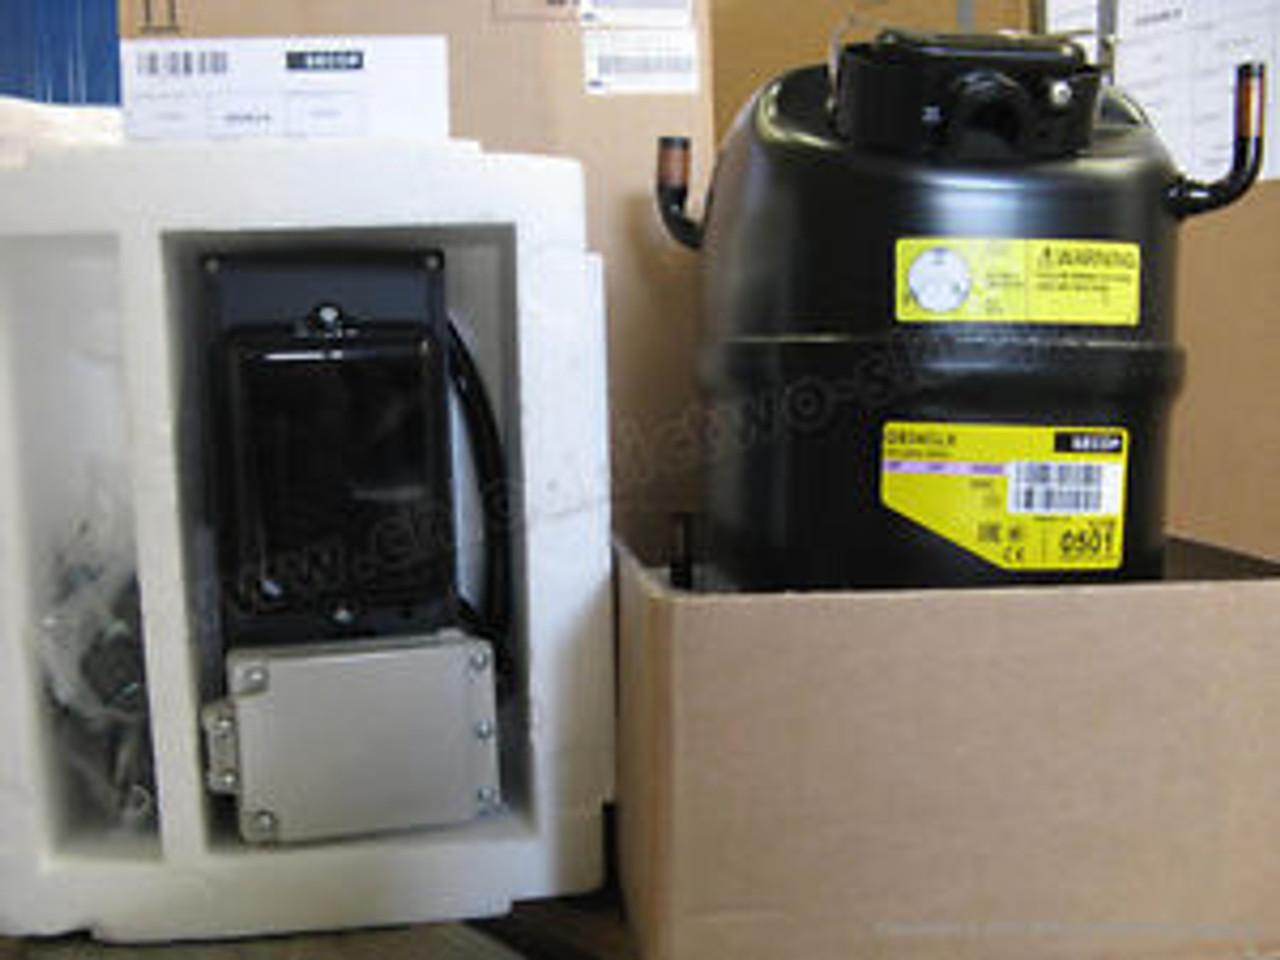 Compressor Secop Danfoss GS34CLX 107B0501 R404a/R507 230V refrigeration